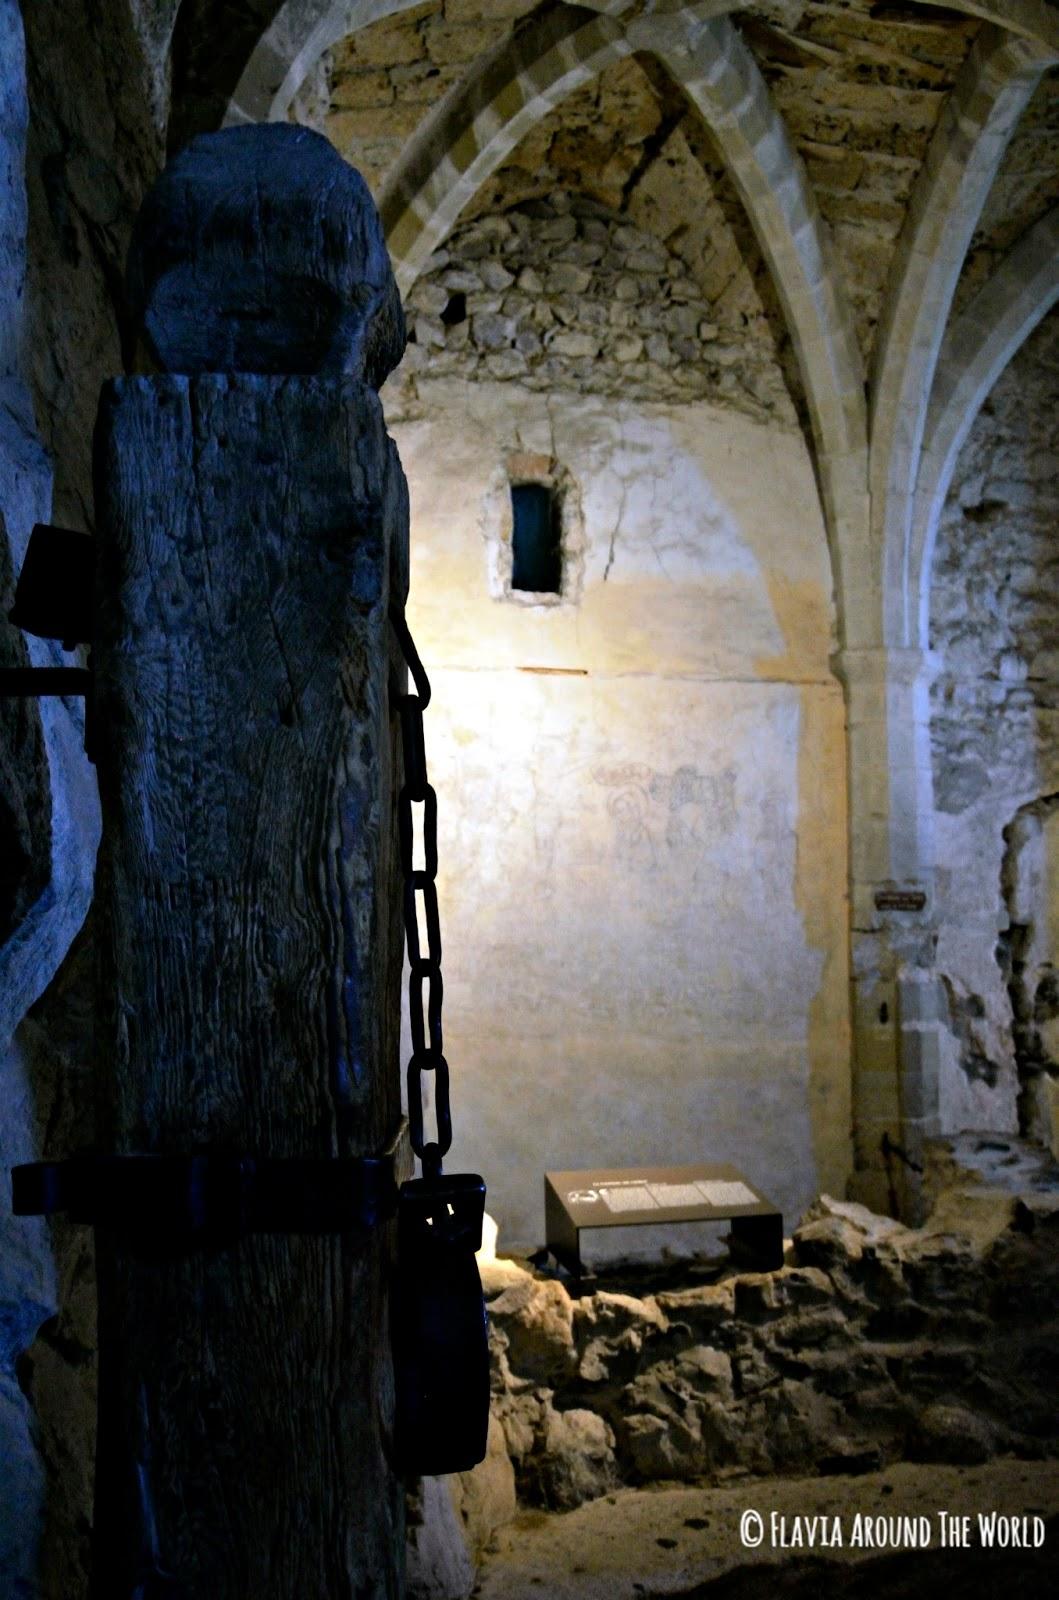 Grilletes de las mazmorras del castillo de Chillon, Suiza